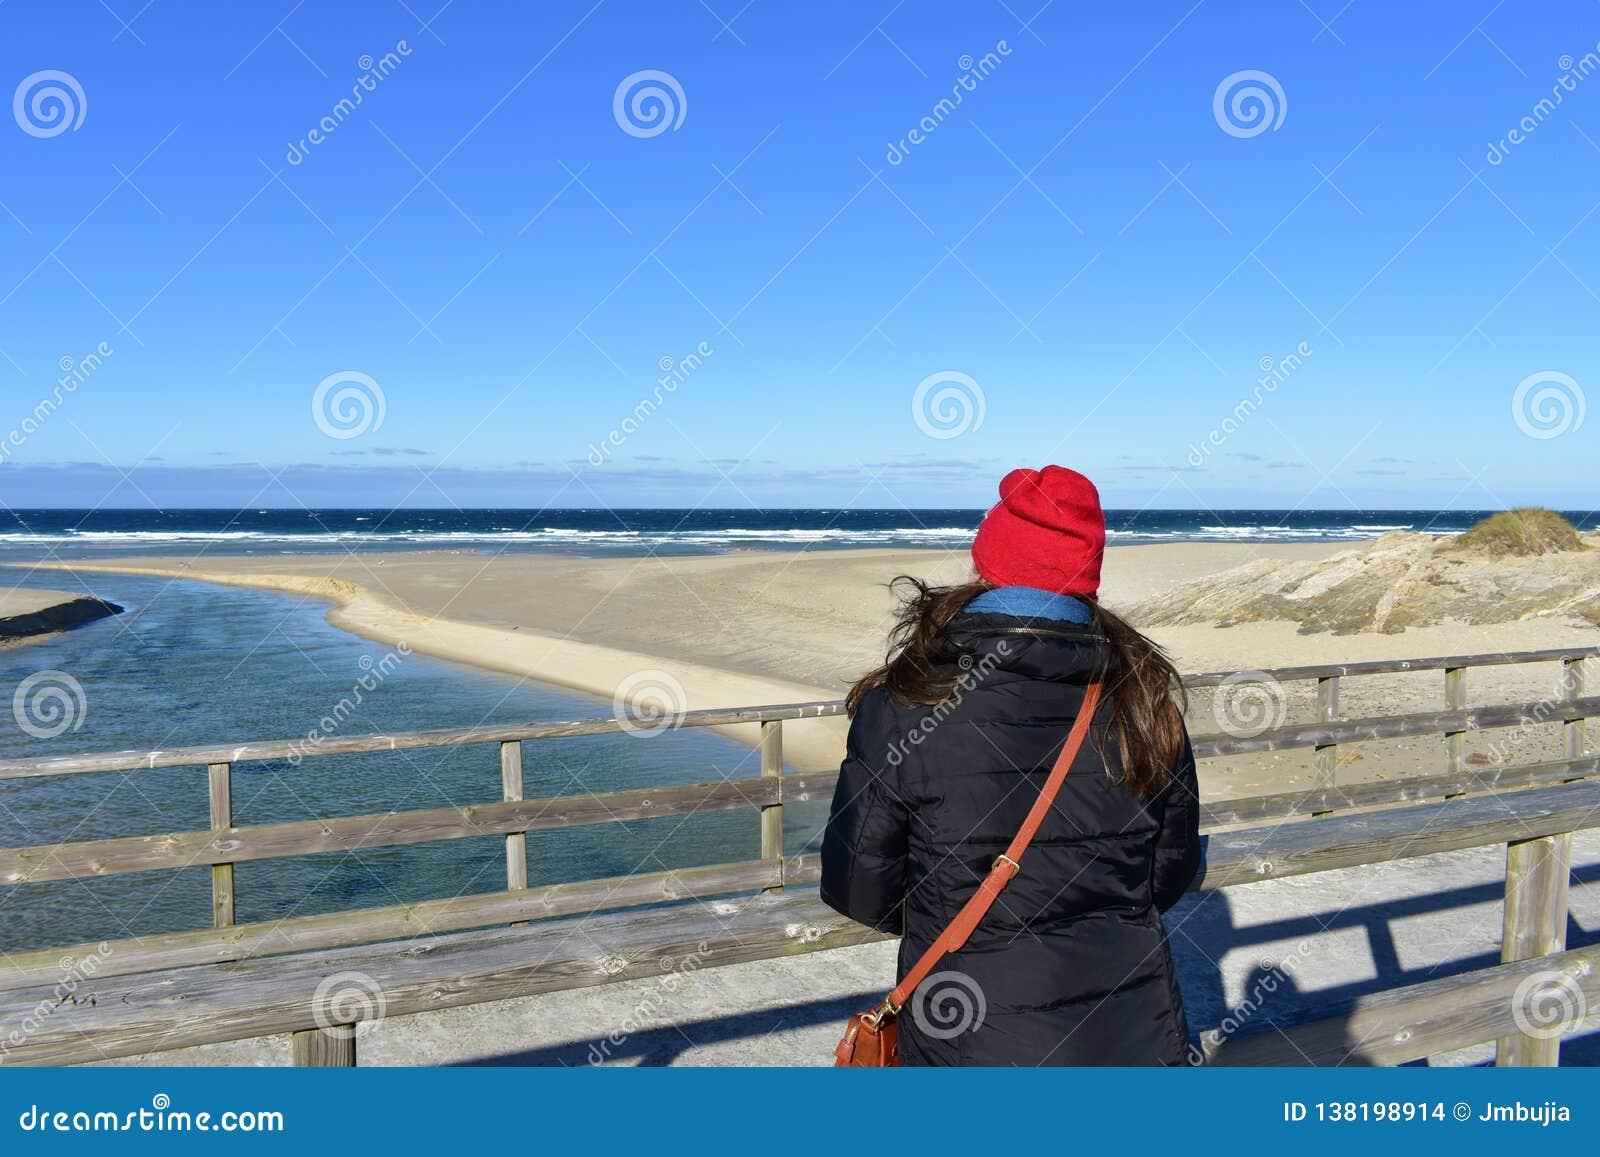 Plage avec la femme se reposant sur une balustrade en bois et regardant la vue Vêtements d hiver et chapeau rouge Jour ensoleillé